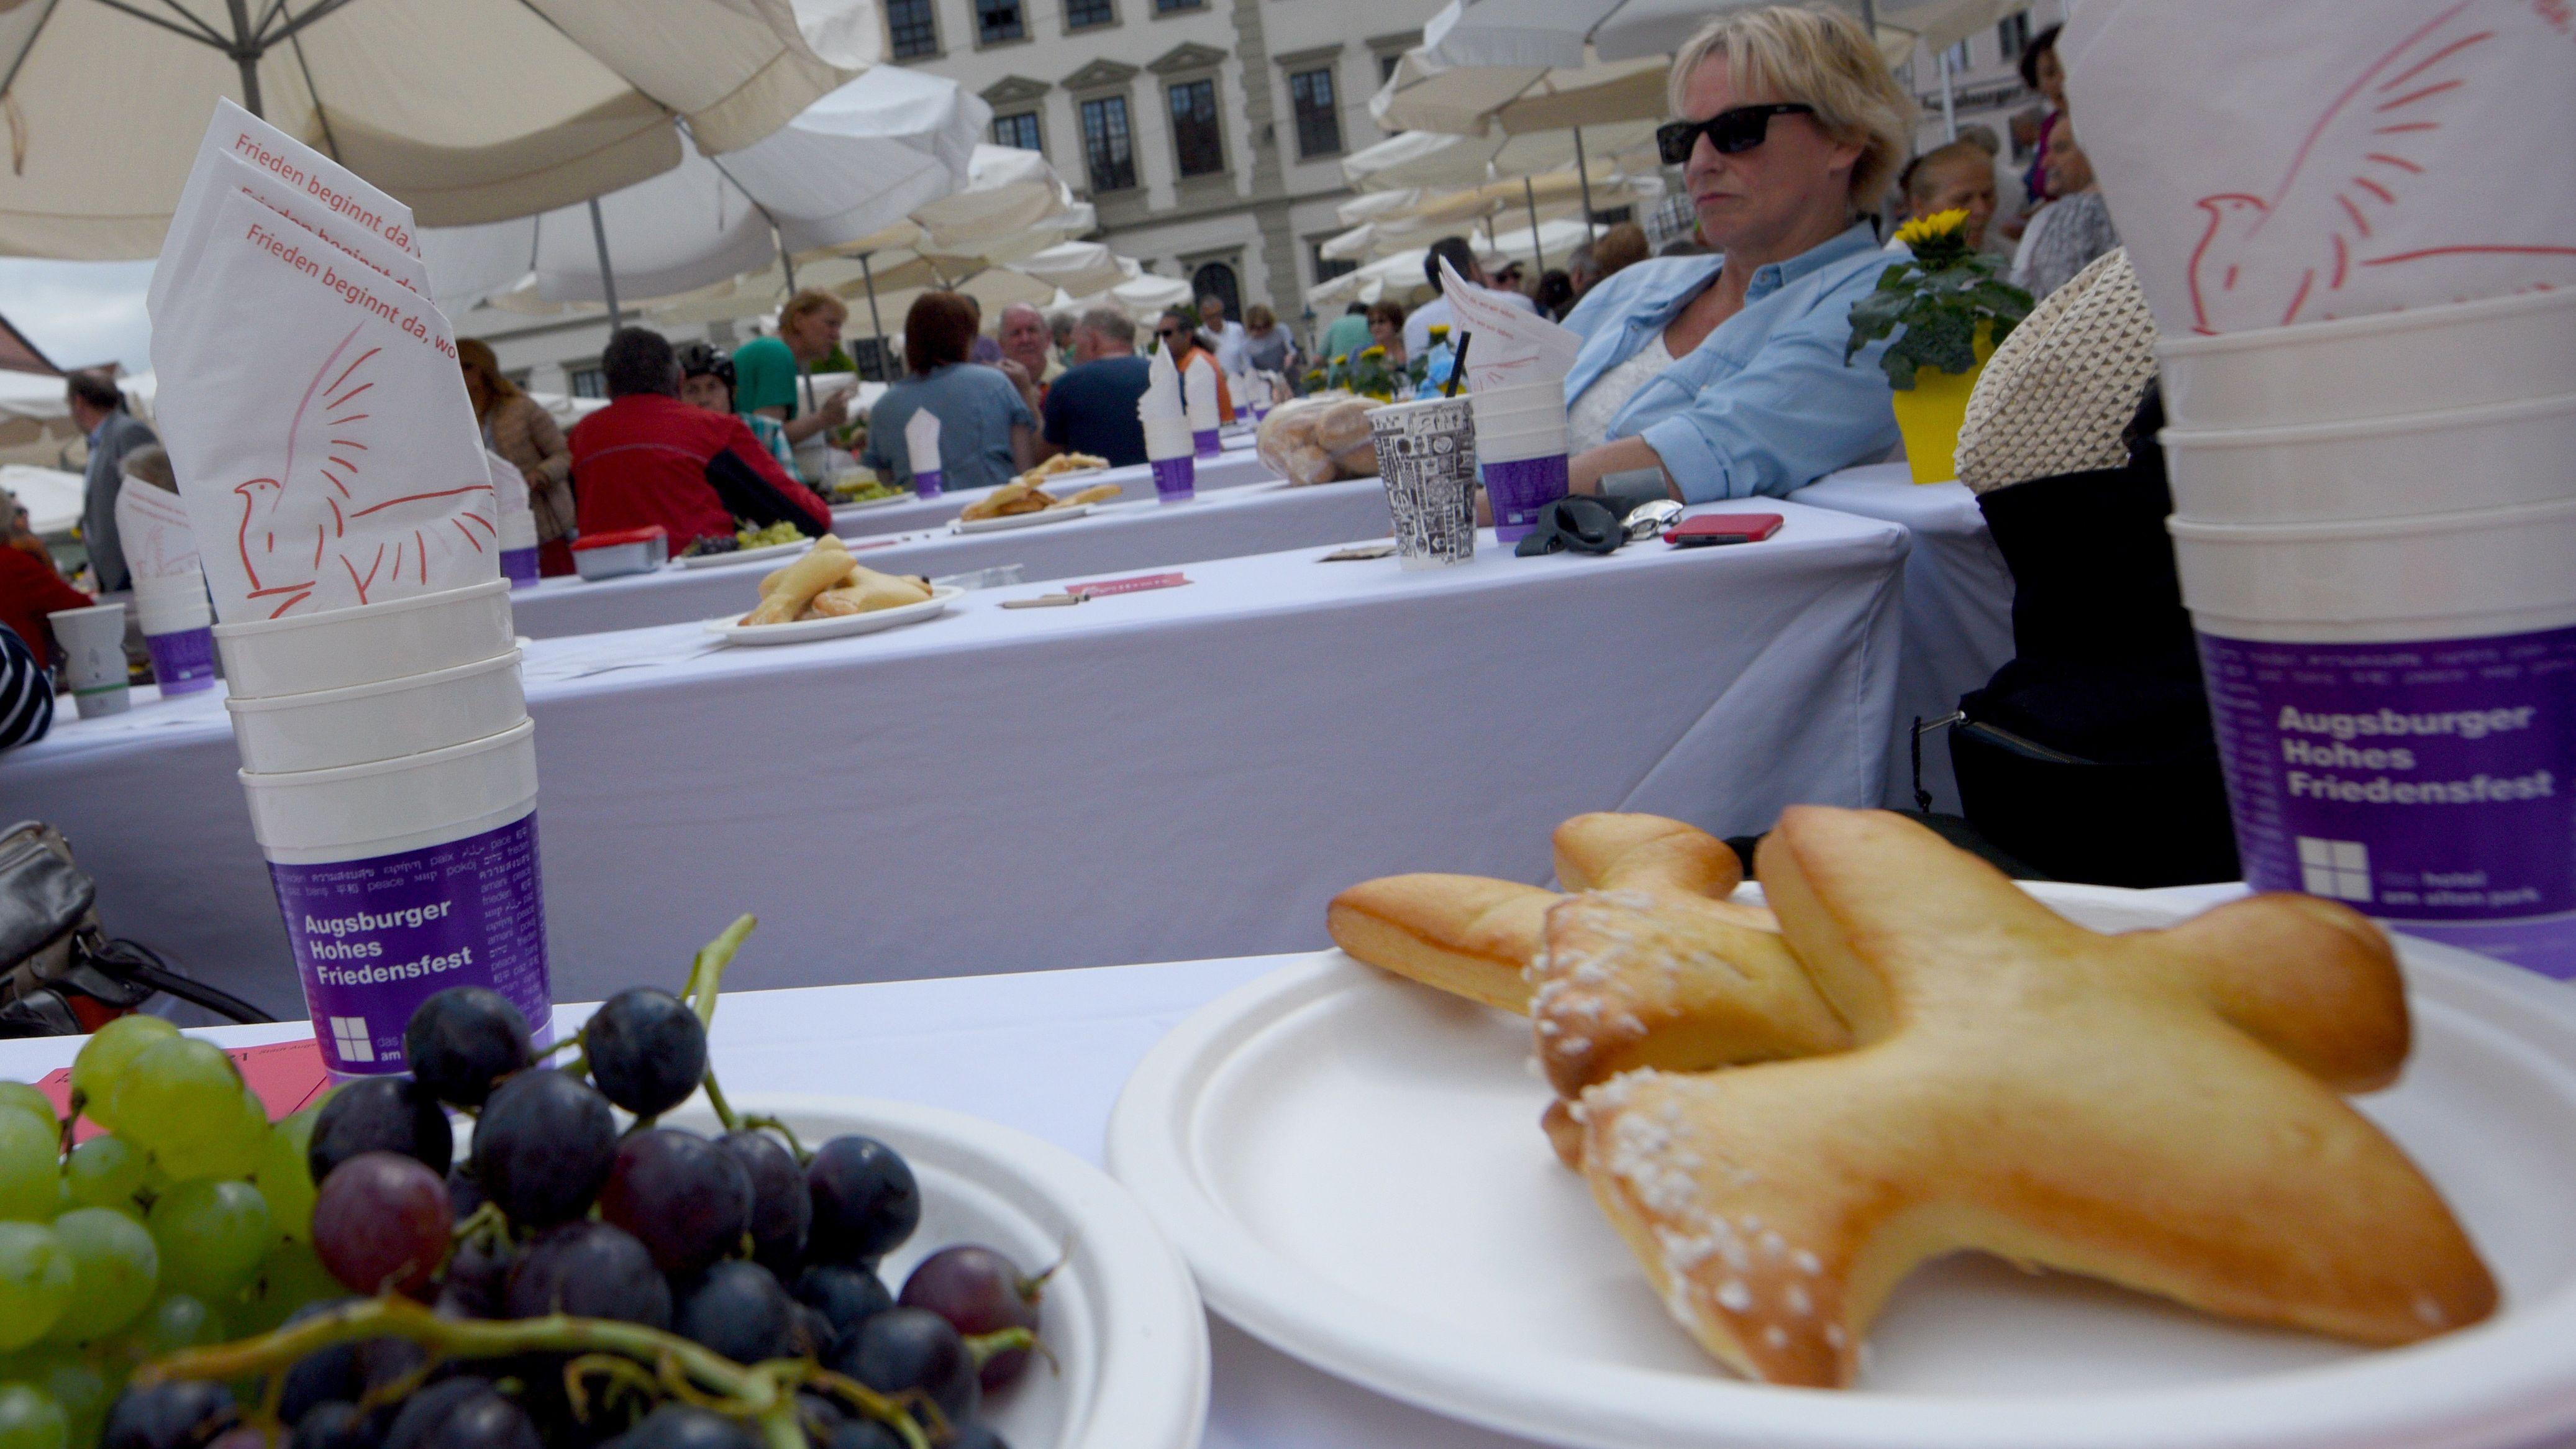 Darum feiert Augsburg das Friedensfest